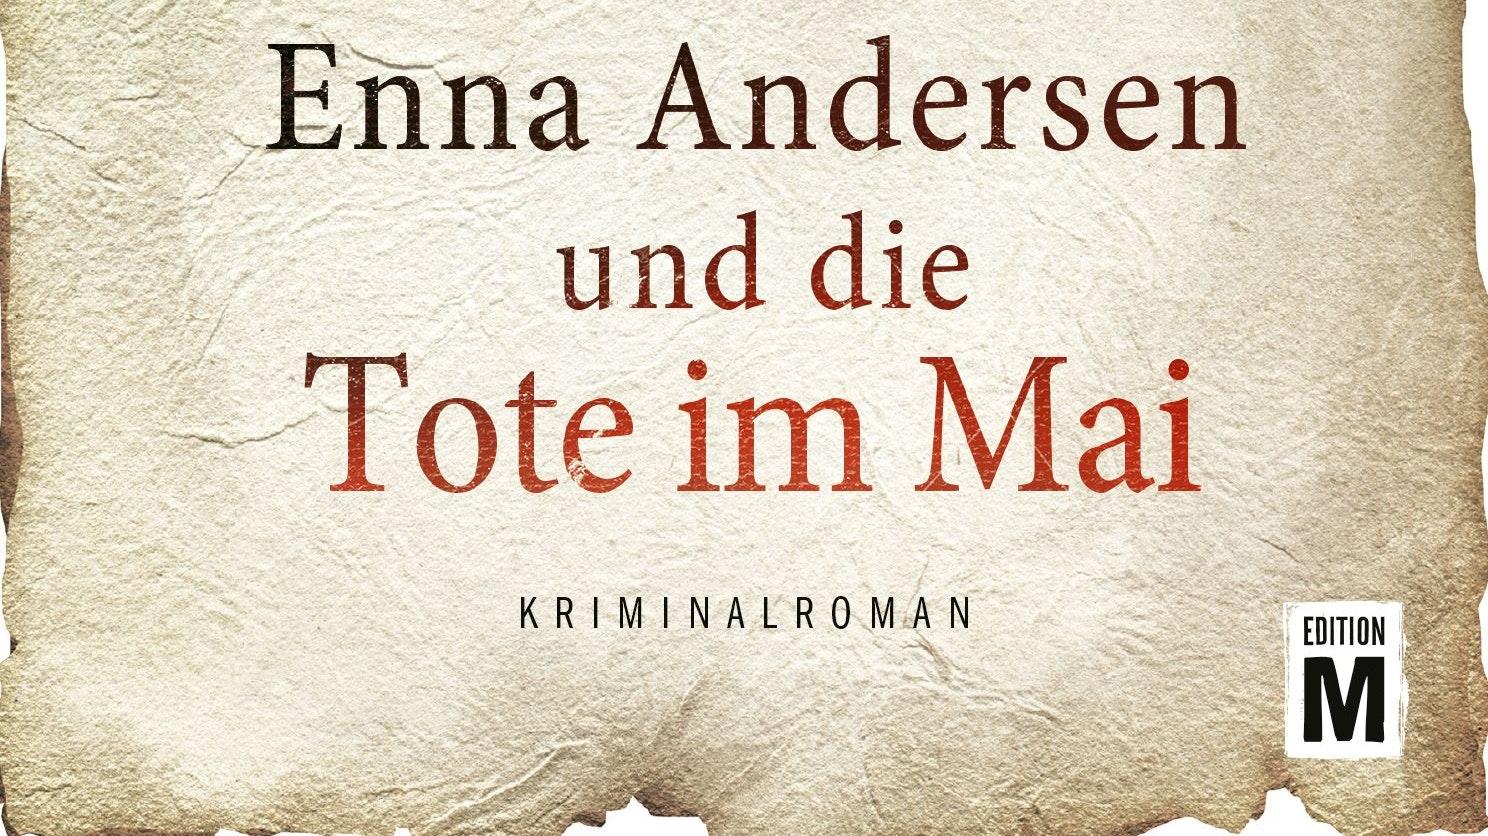 """Spielt in Friesoythe: Anna Johannsens Krimi """"Enna Andersen und die Tote im Mai"""". ©  Edition M"""